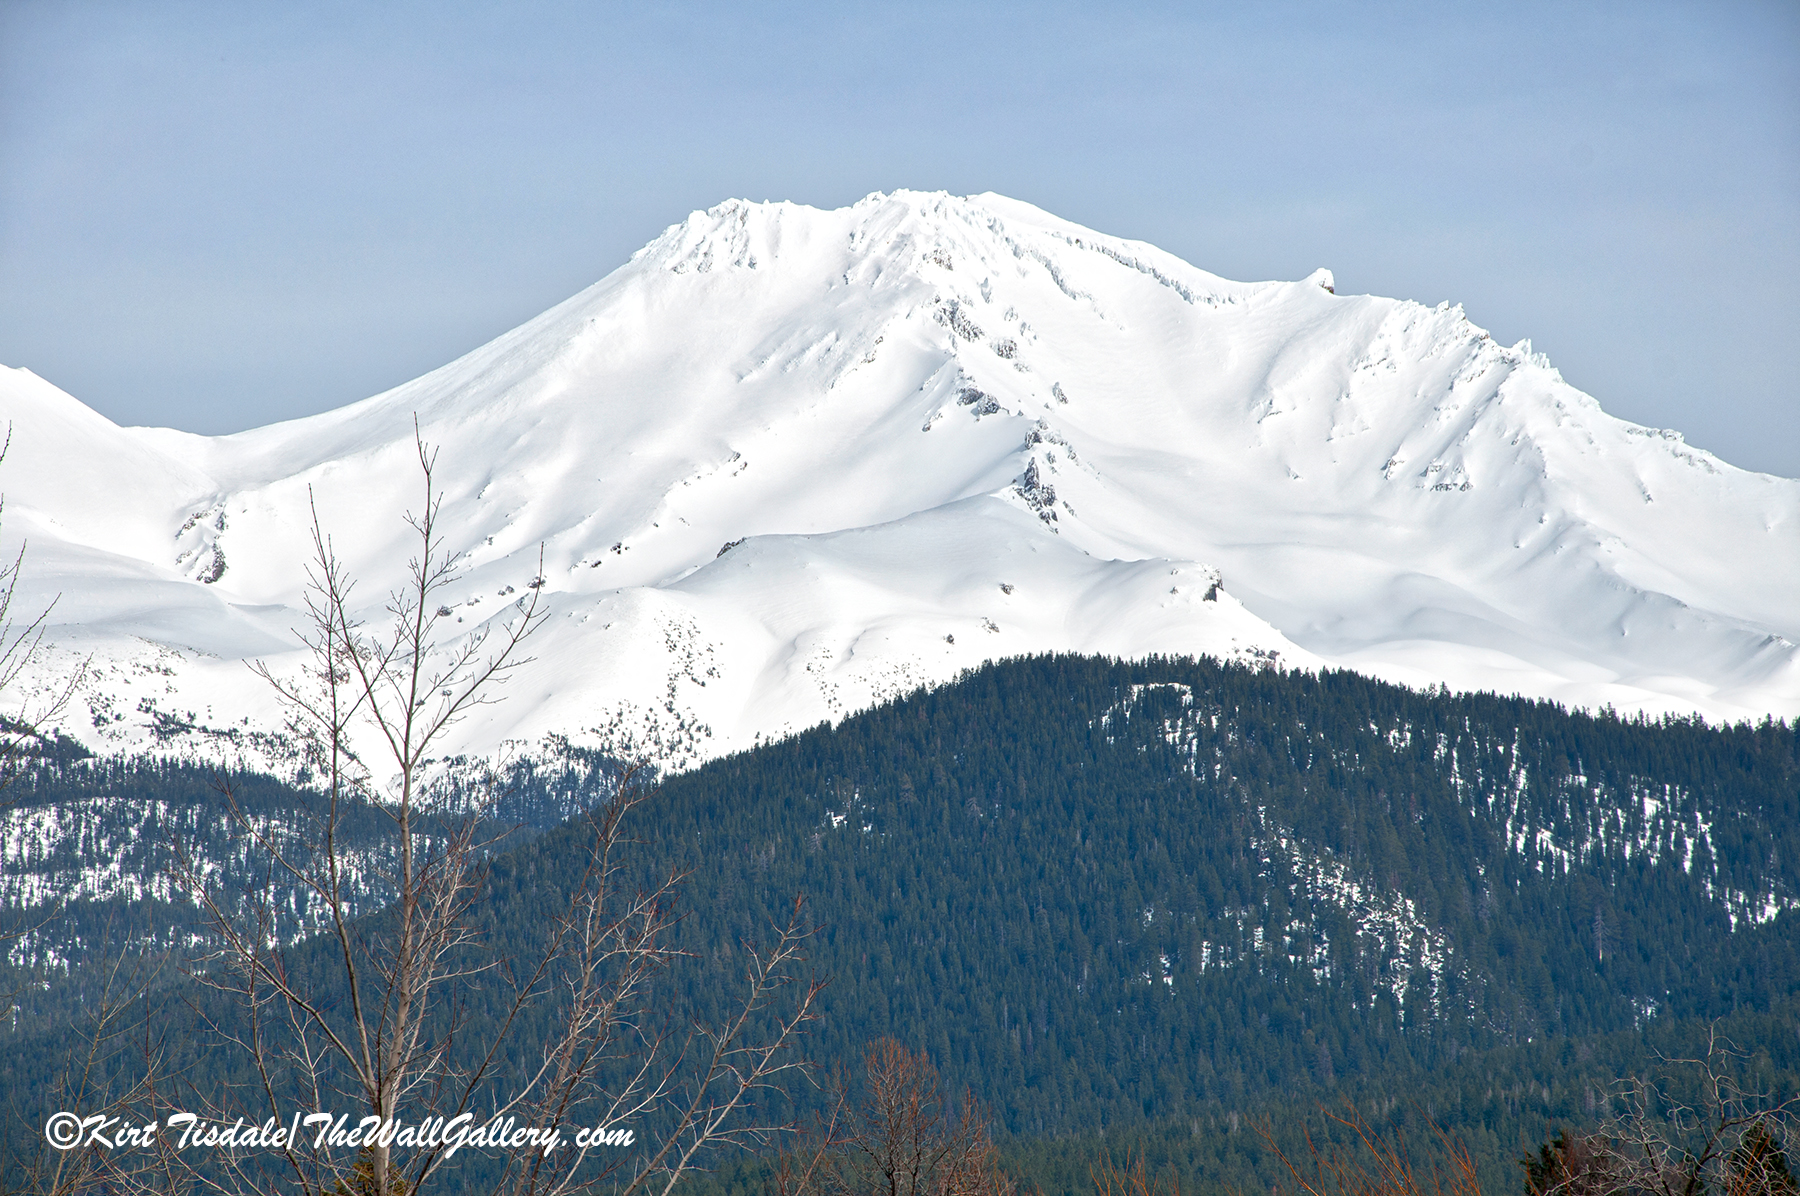 Mount Shasta One